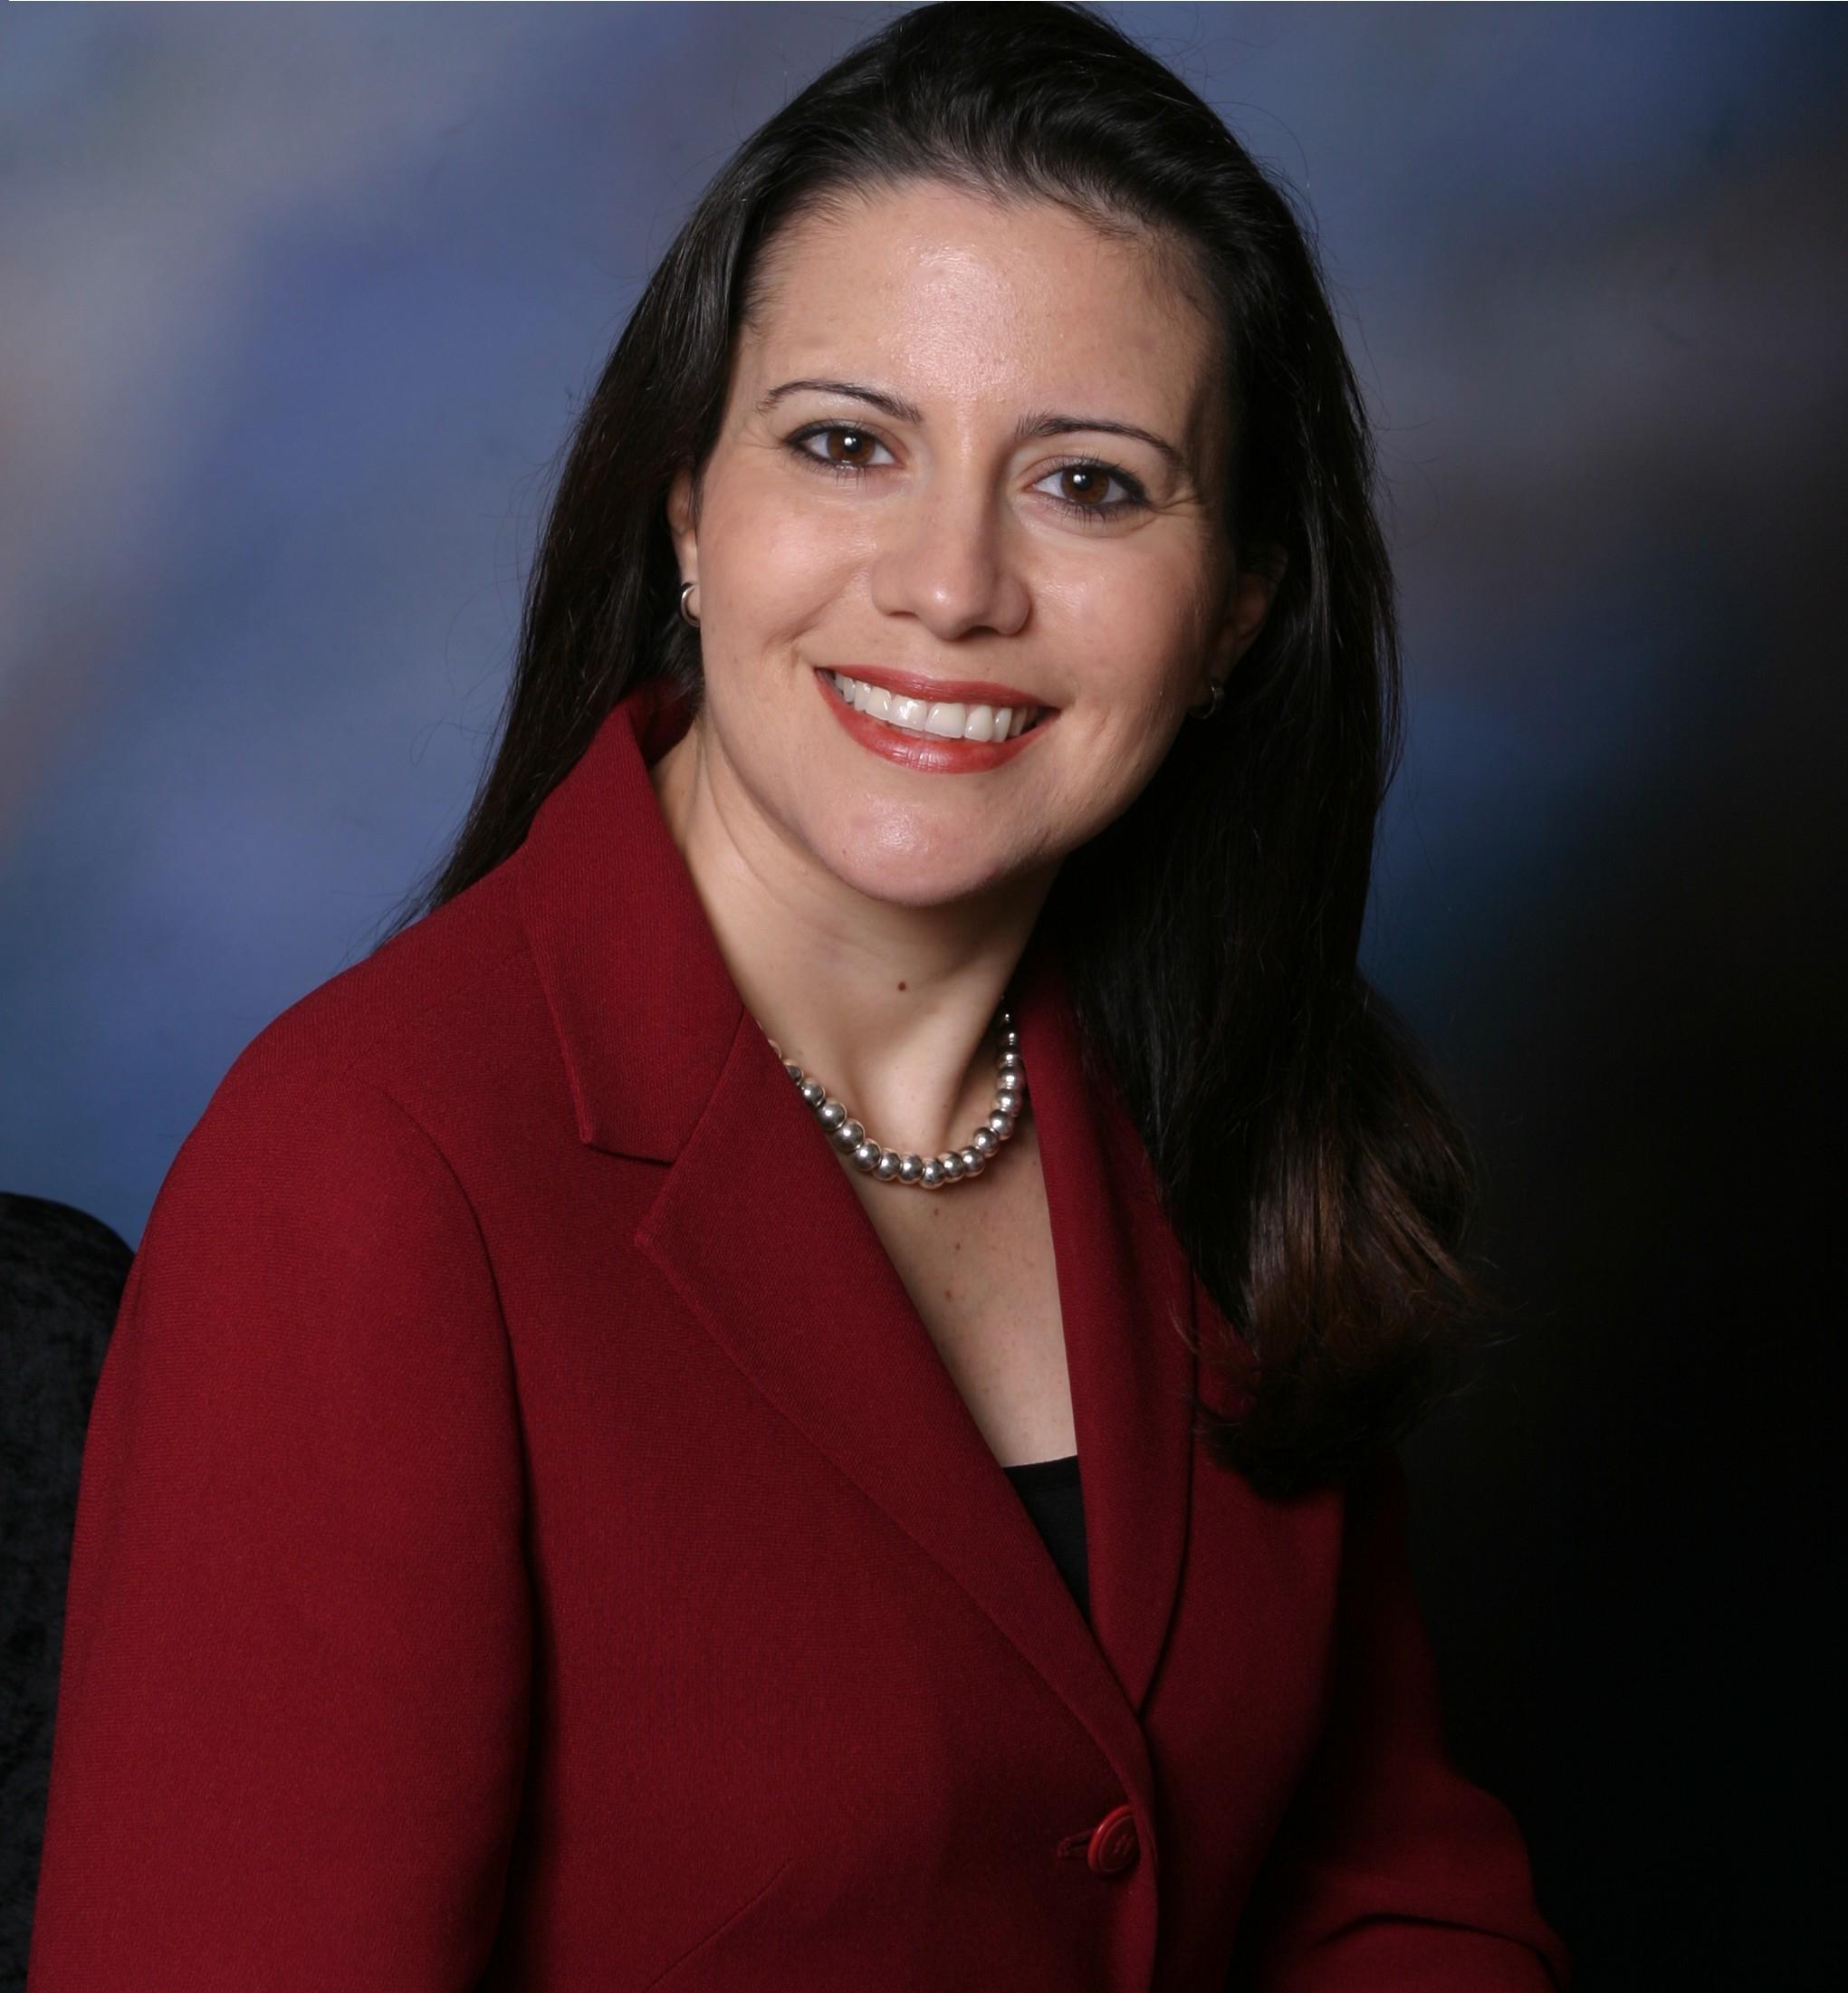 Sonia Rodriquez